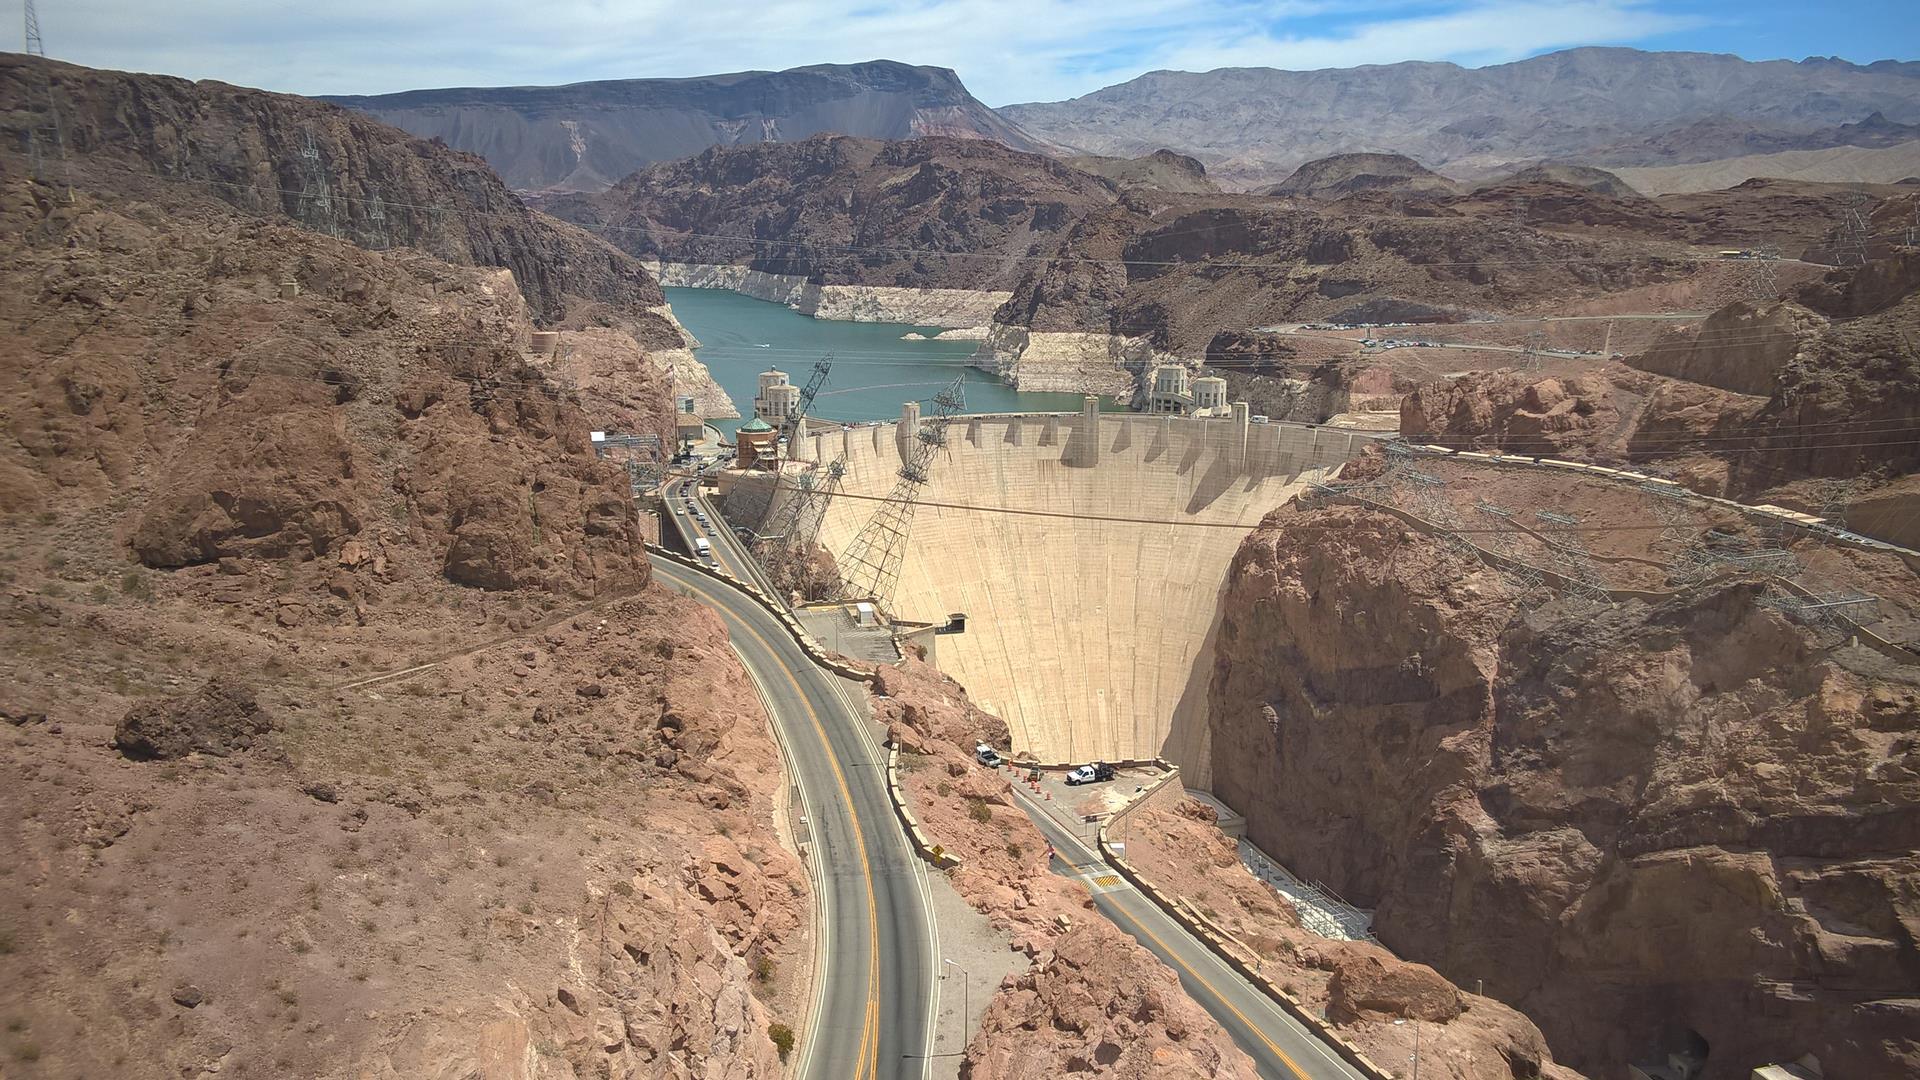 Ziemlich beeindruckend wie groß der Damm ist